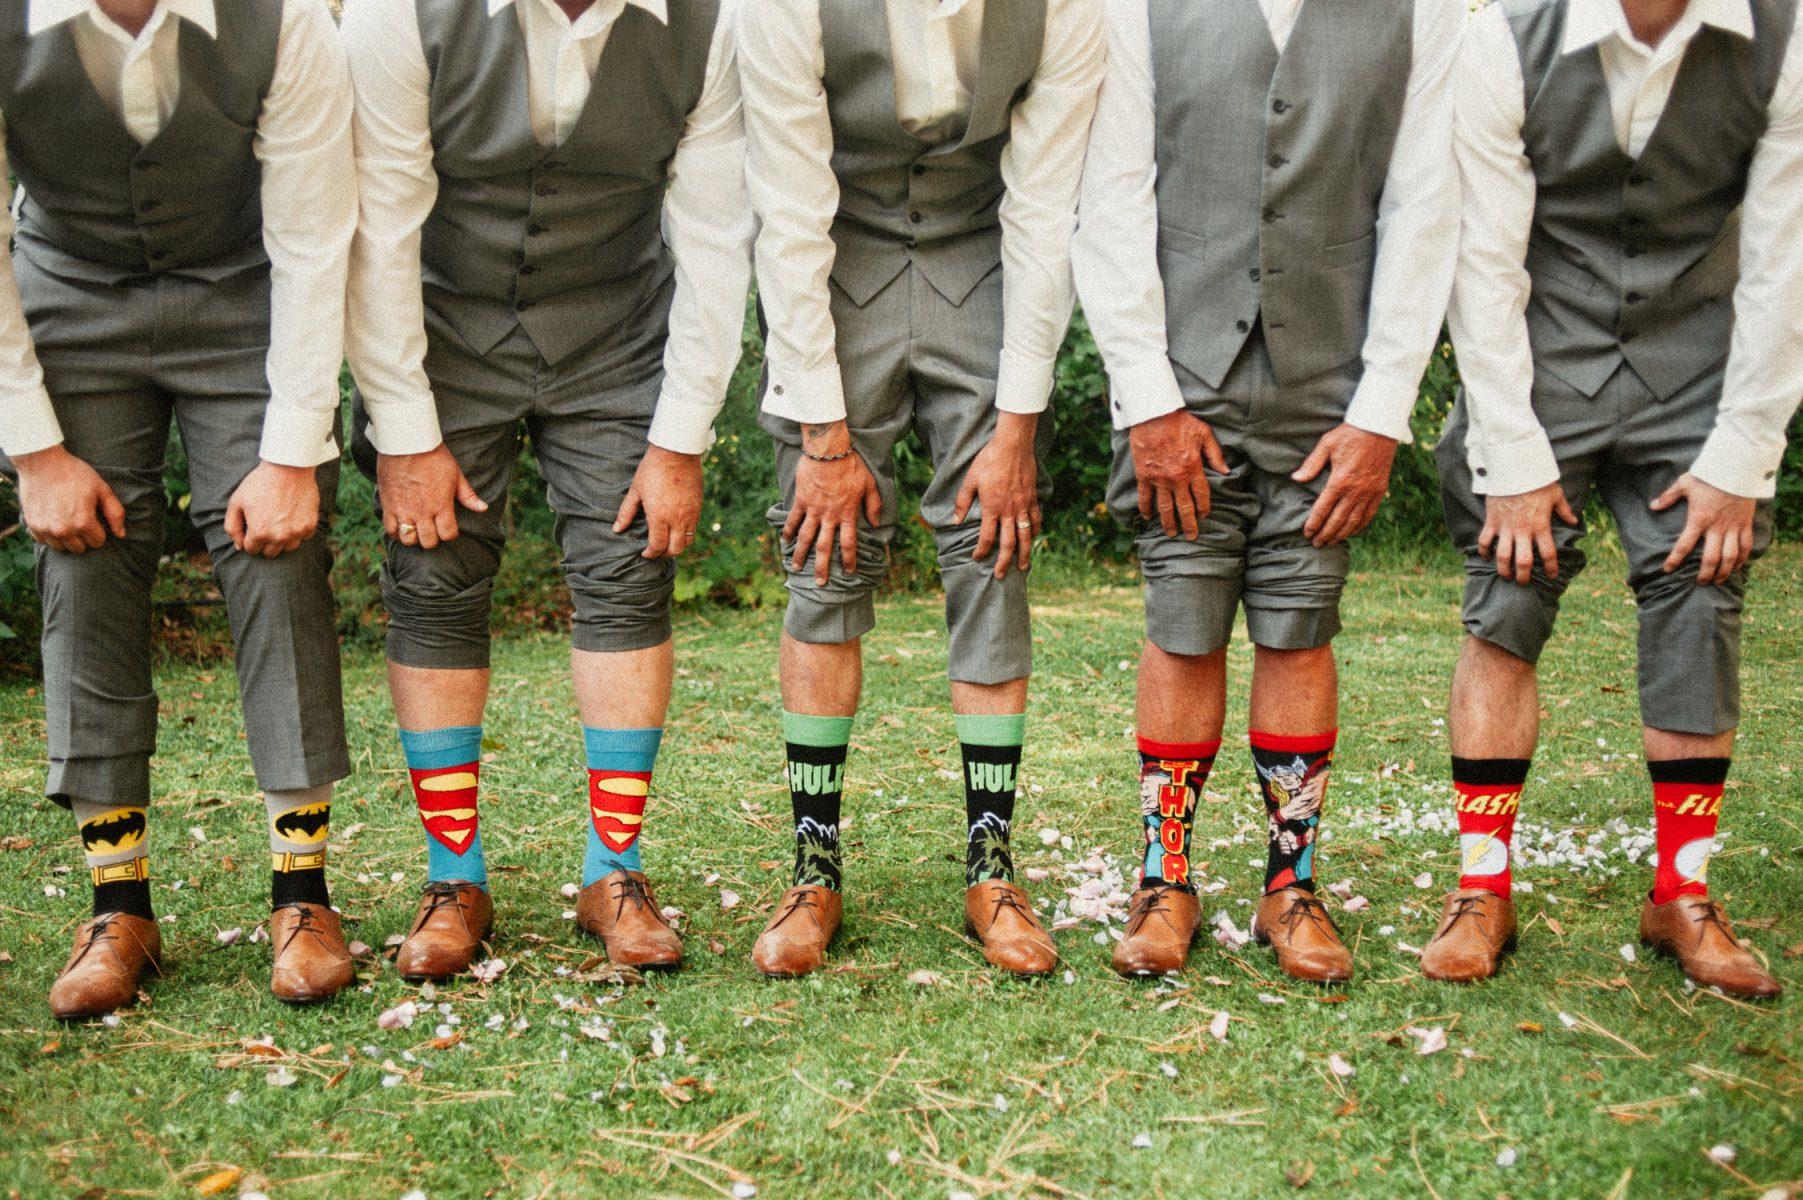 Groomsmen funny socks in Tuscany